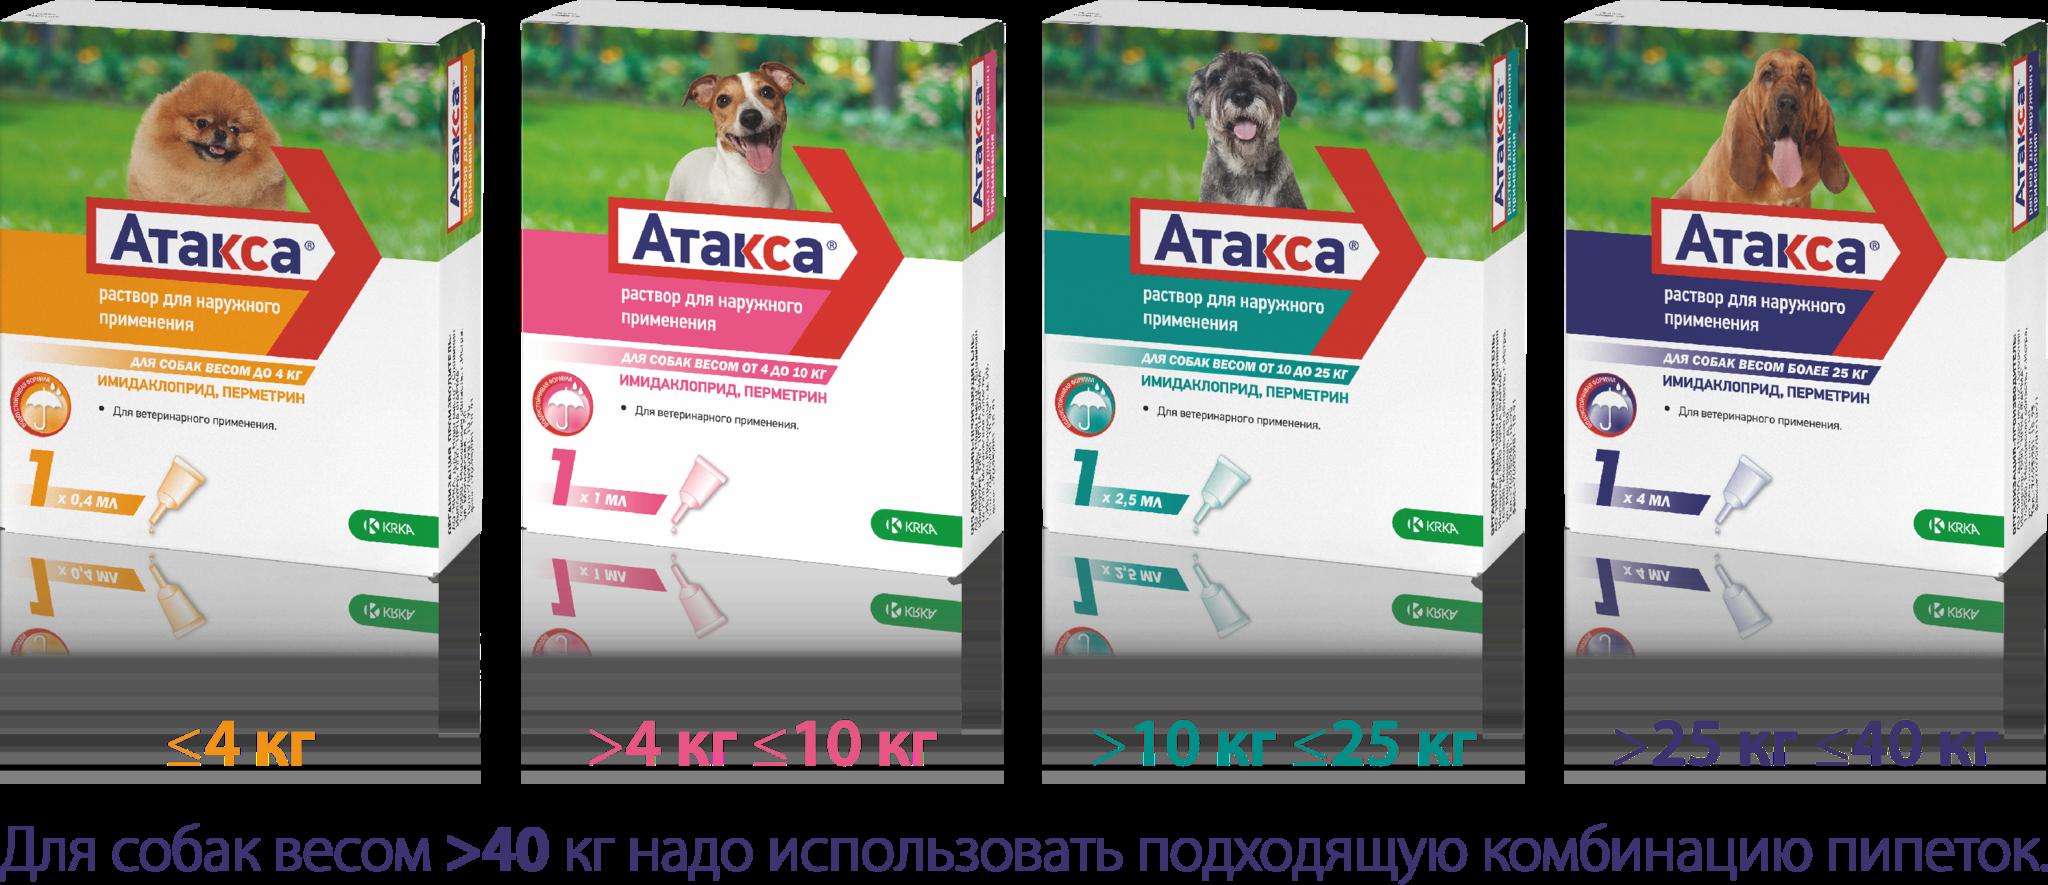 Эксклюзивная новинка - АТАКСА: доступная и эффективная альтернатива от эктопаразитов у собак.